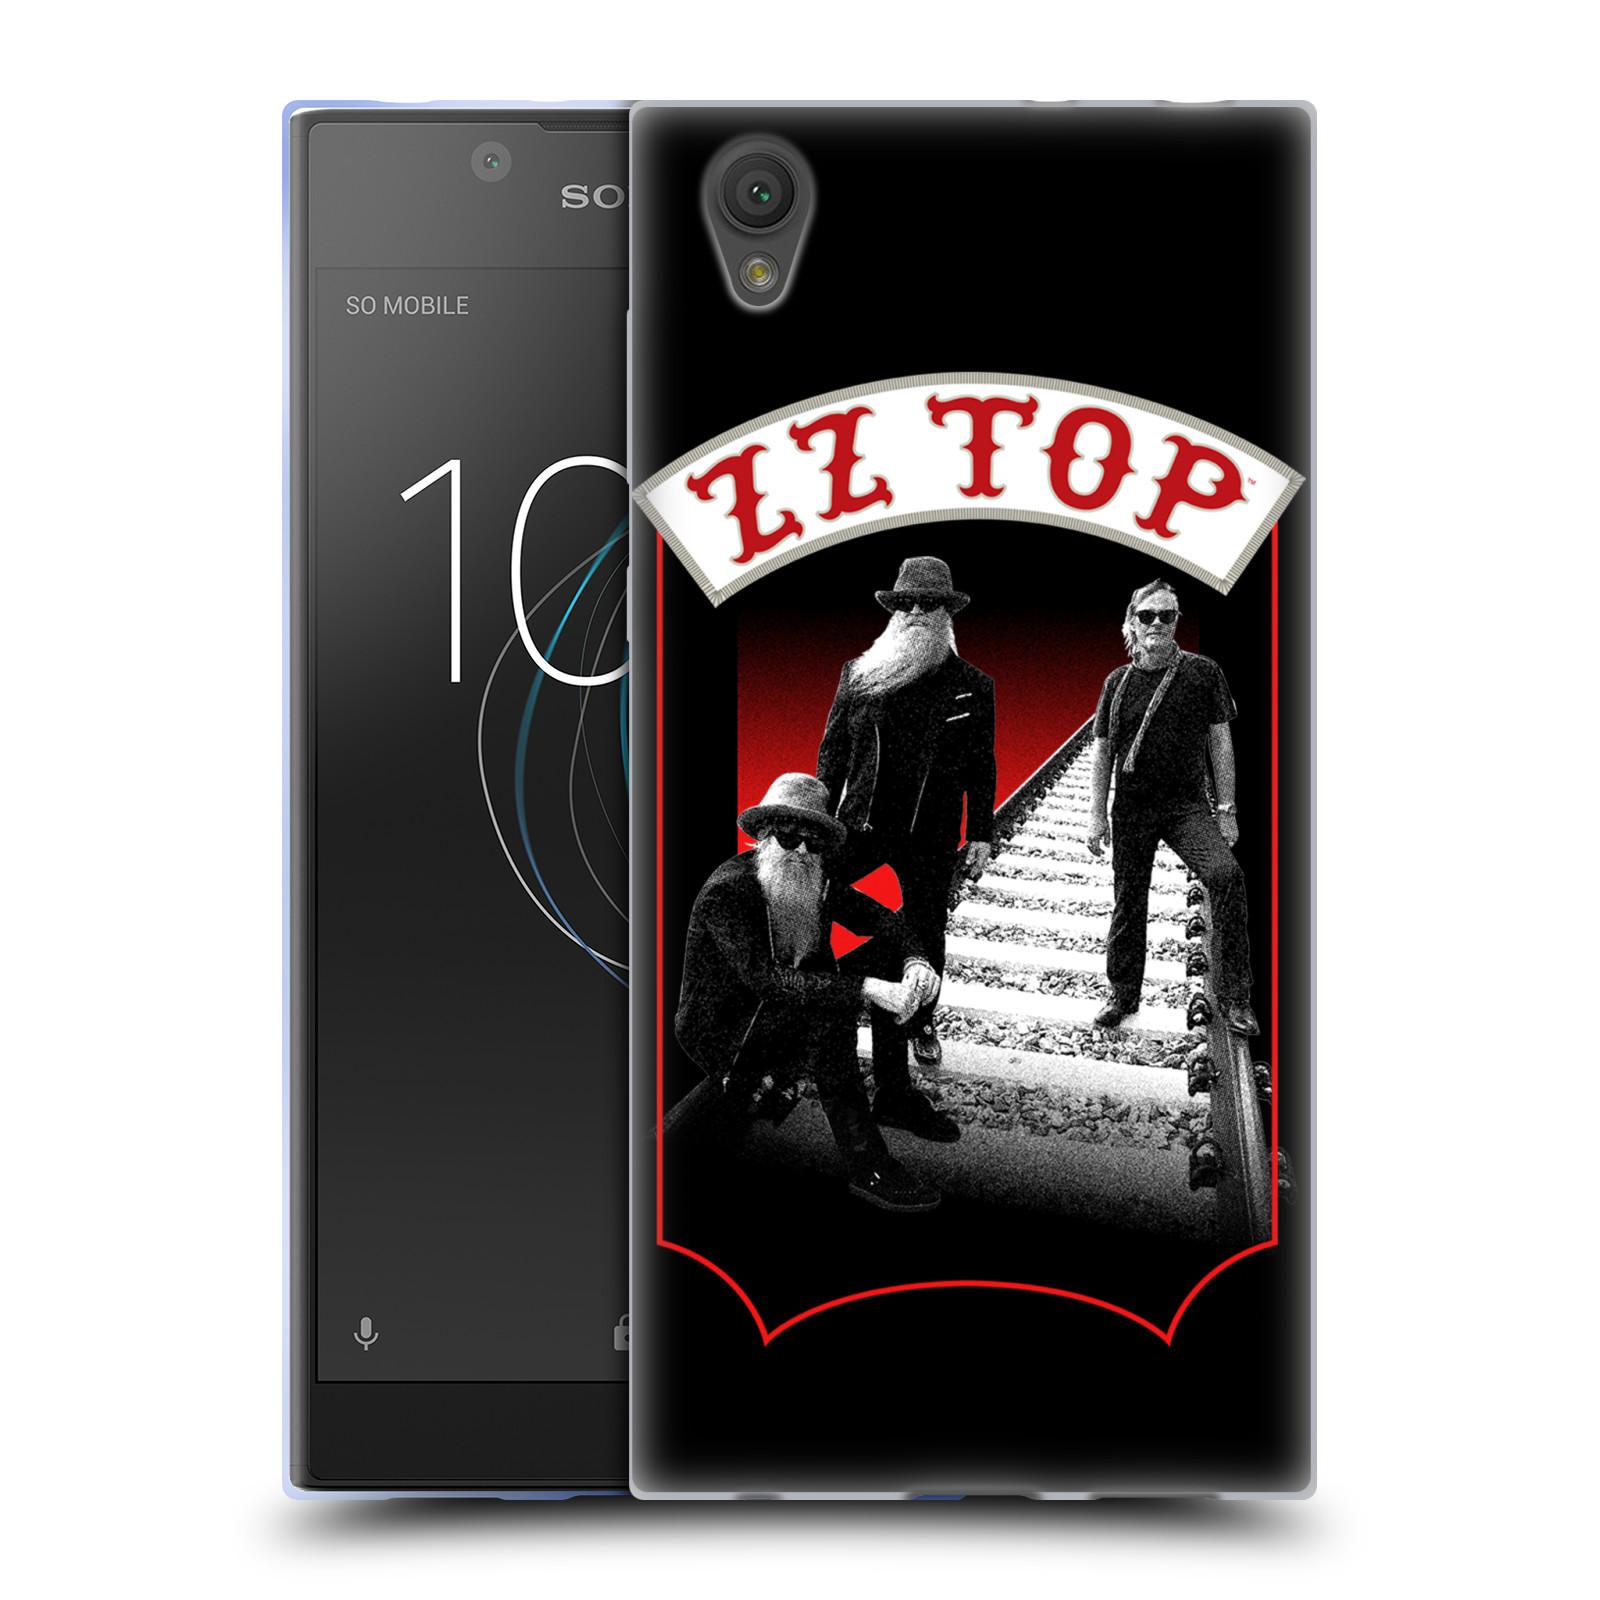 HEAD CASE silikonový obal na mobil Sony Xperia L1 ZZ Top koleje zpěváci